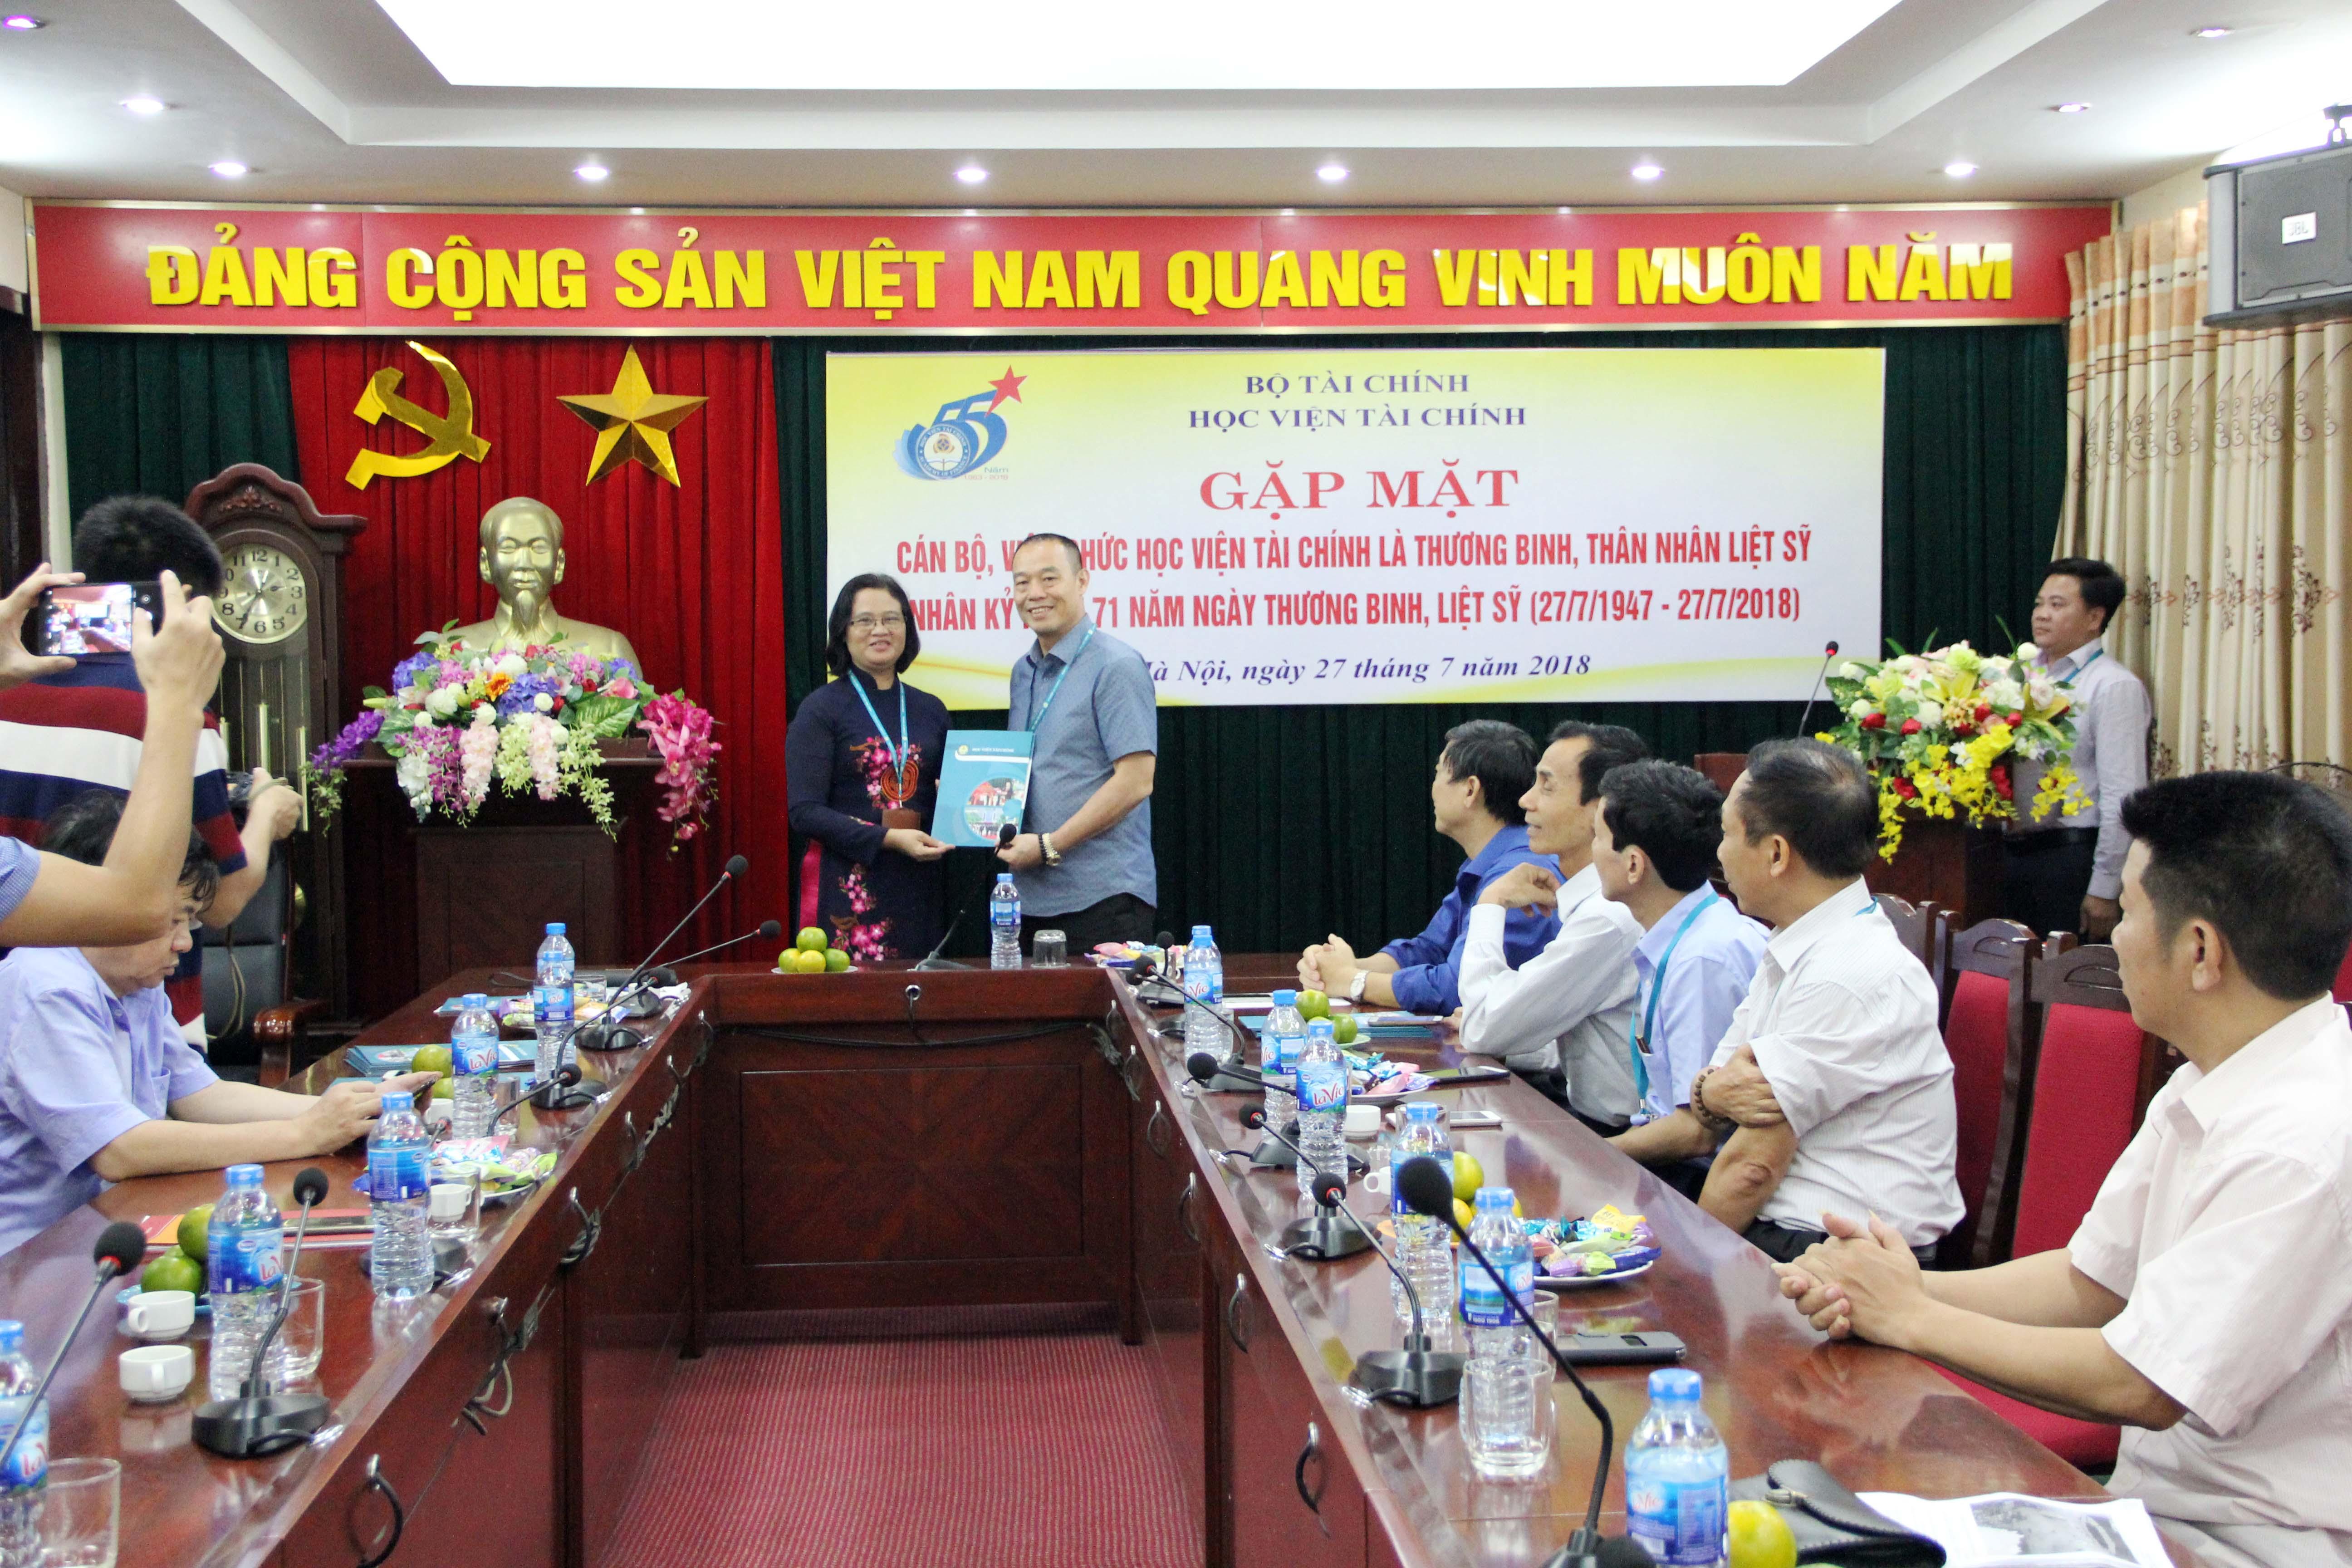 PGS., TS. Trương Thị Thủy đại diện Đảng ủy, Ban Giám đốc Học viện